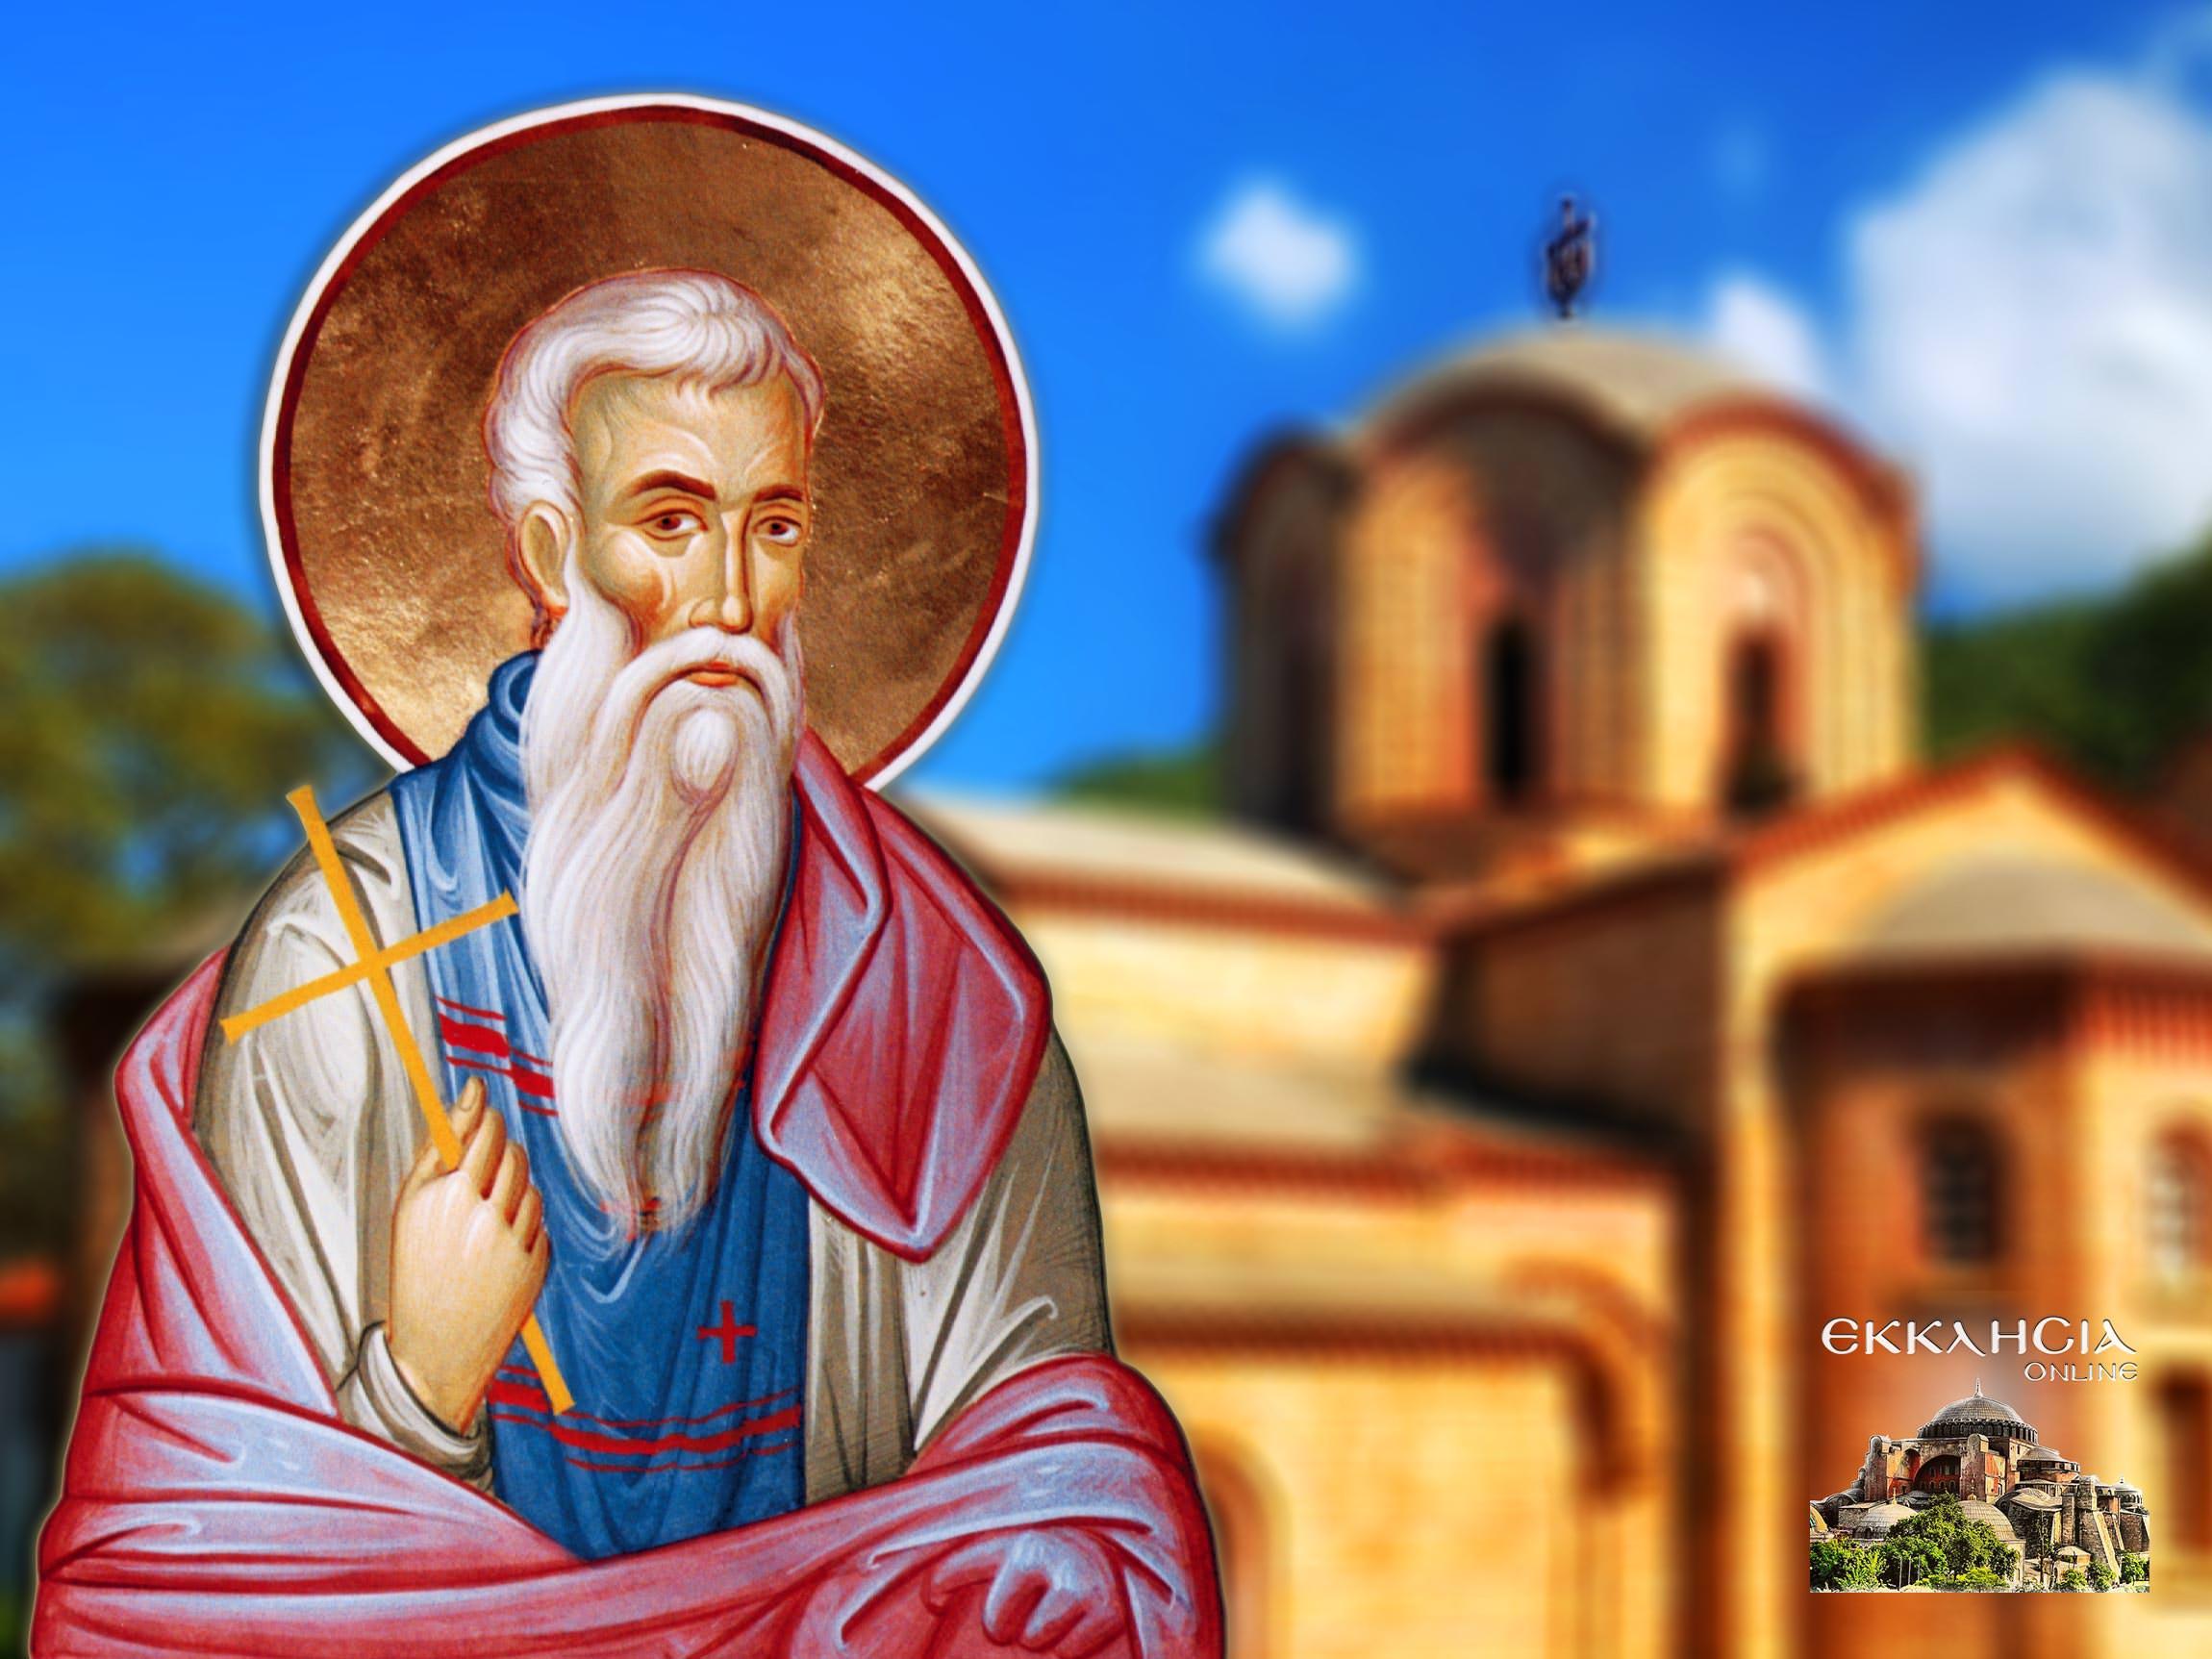 Άγιος Ευθύμιος ο Νέος 15 Οκτωβρίου